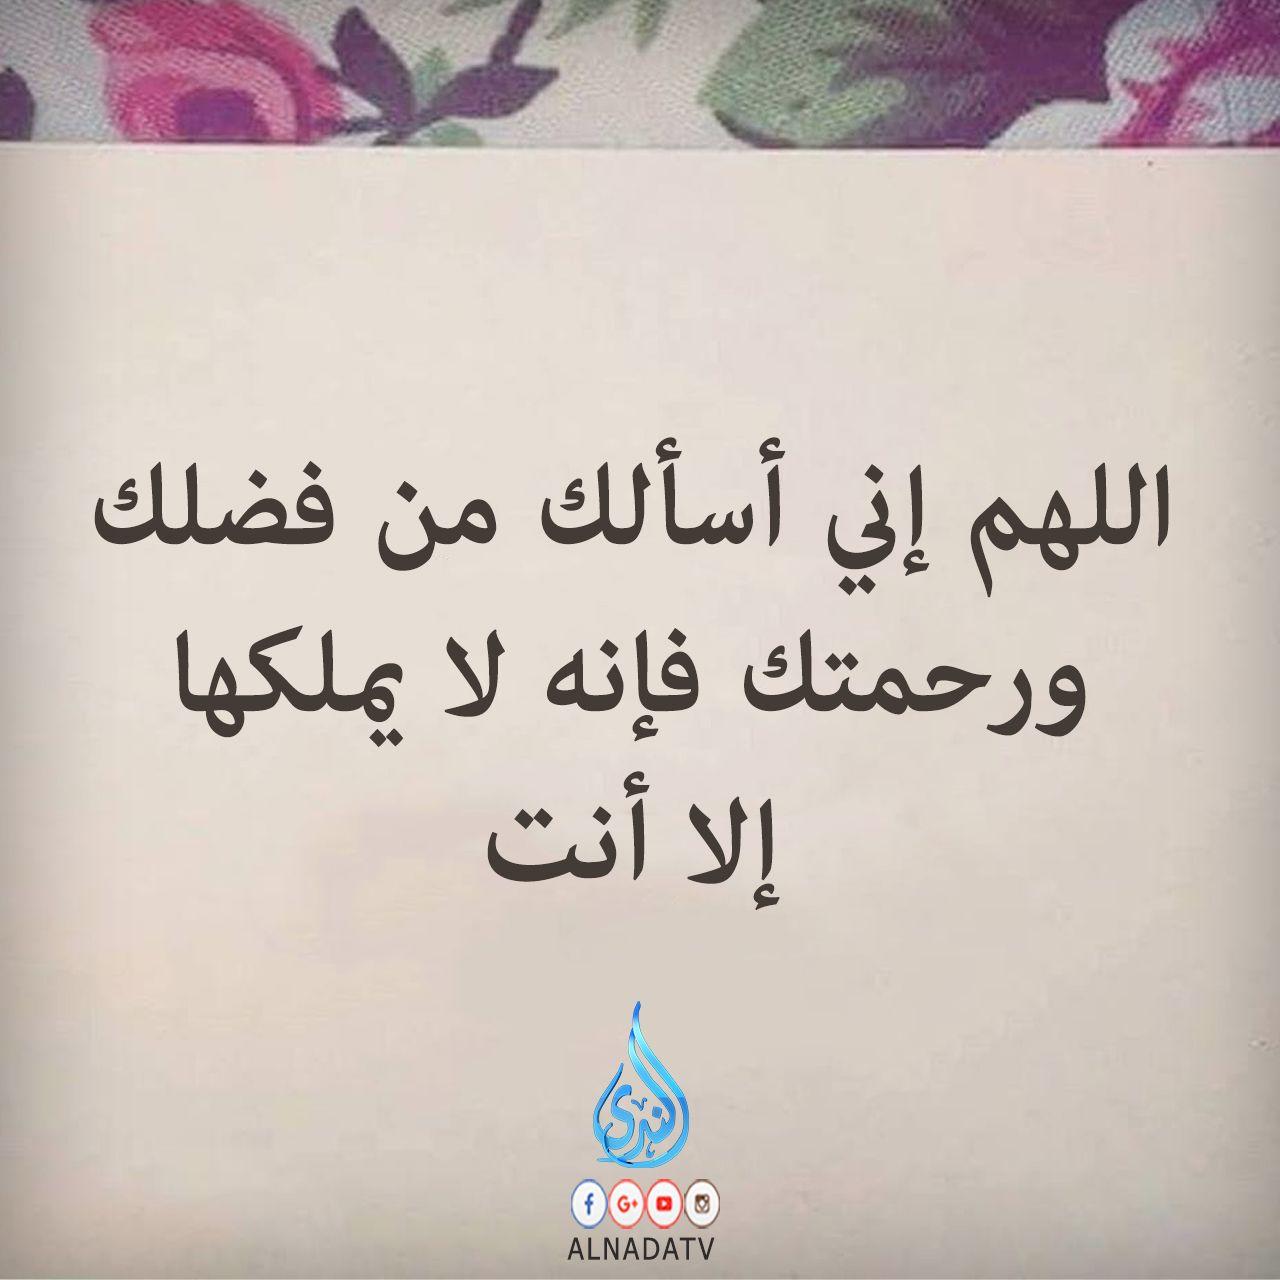 اللهم أنى أسألك من فضلك قناة الندى Arabic Calligraphy Allah Calligraphy